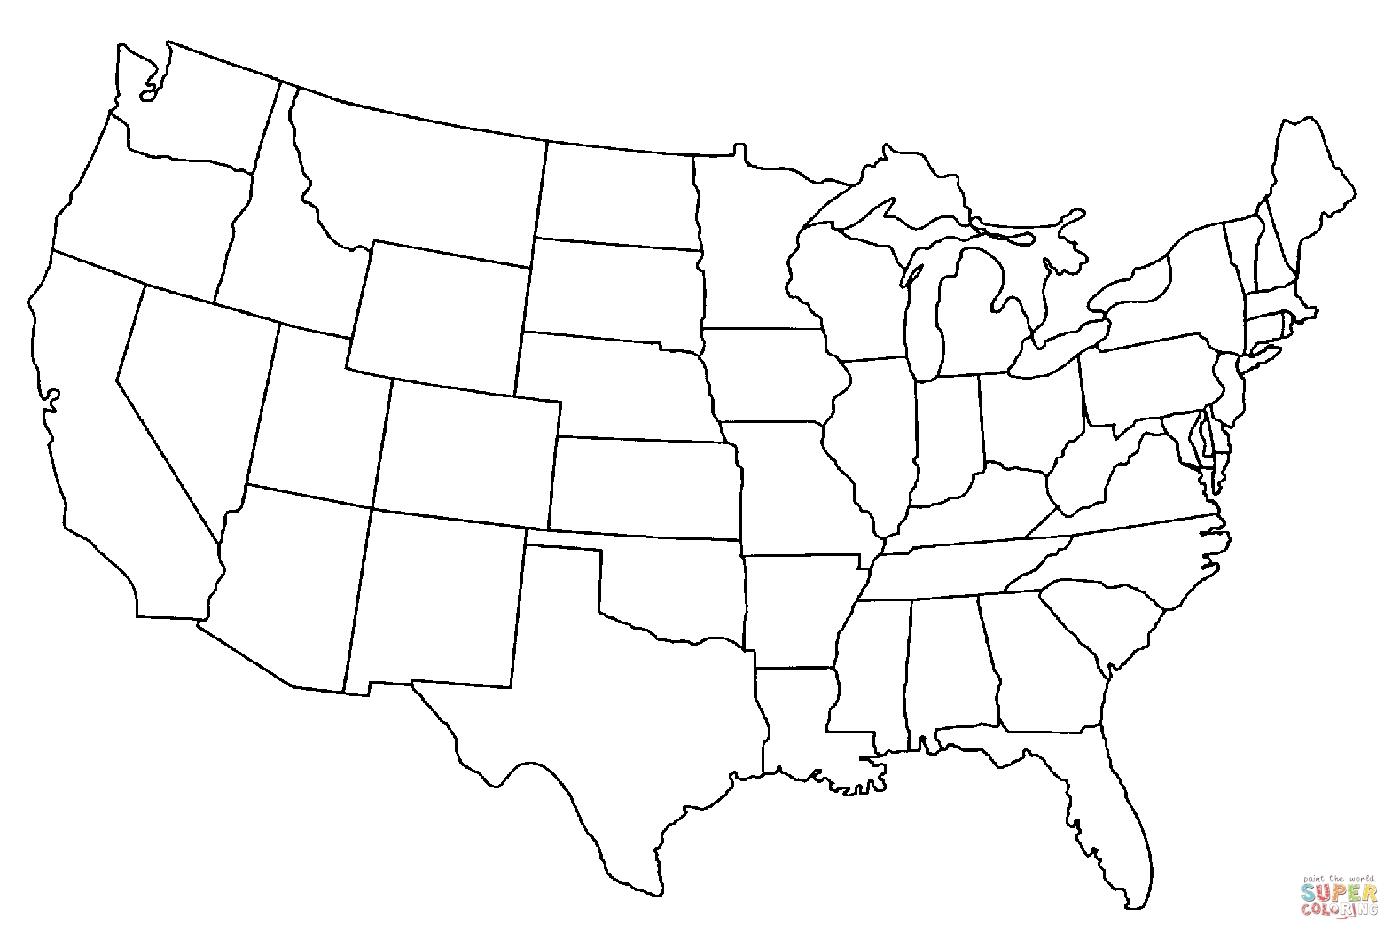 1400x940 Usa Map Drawing Acpi Ven Hpqampdev 0004